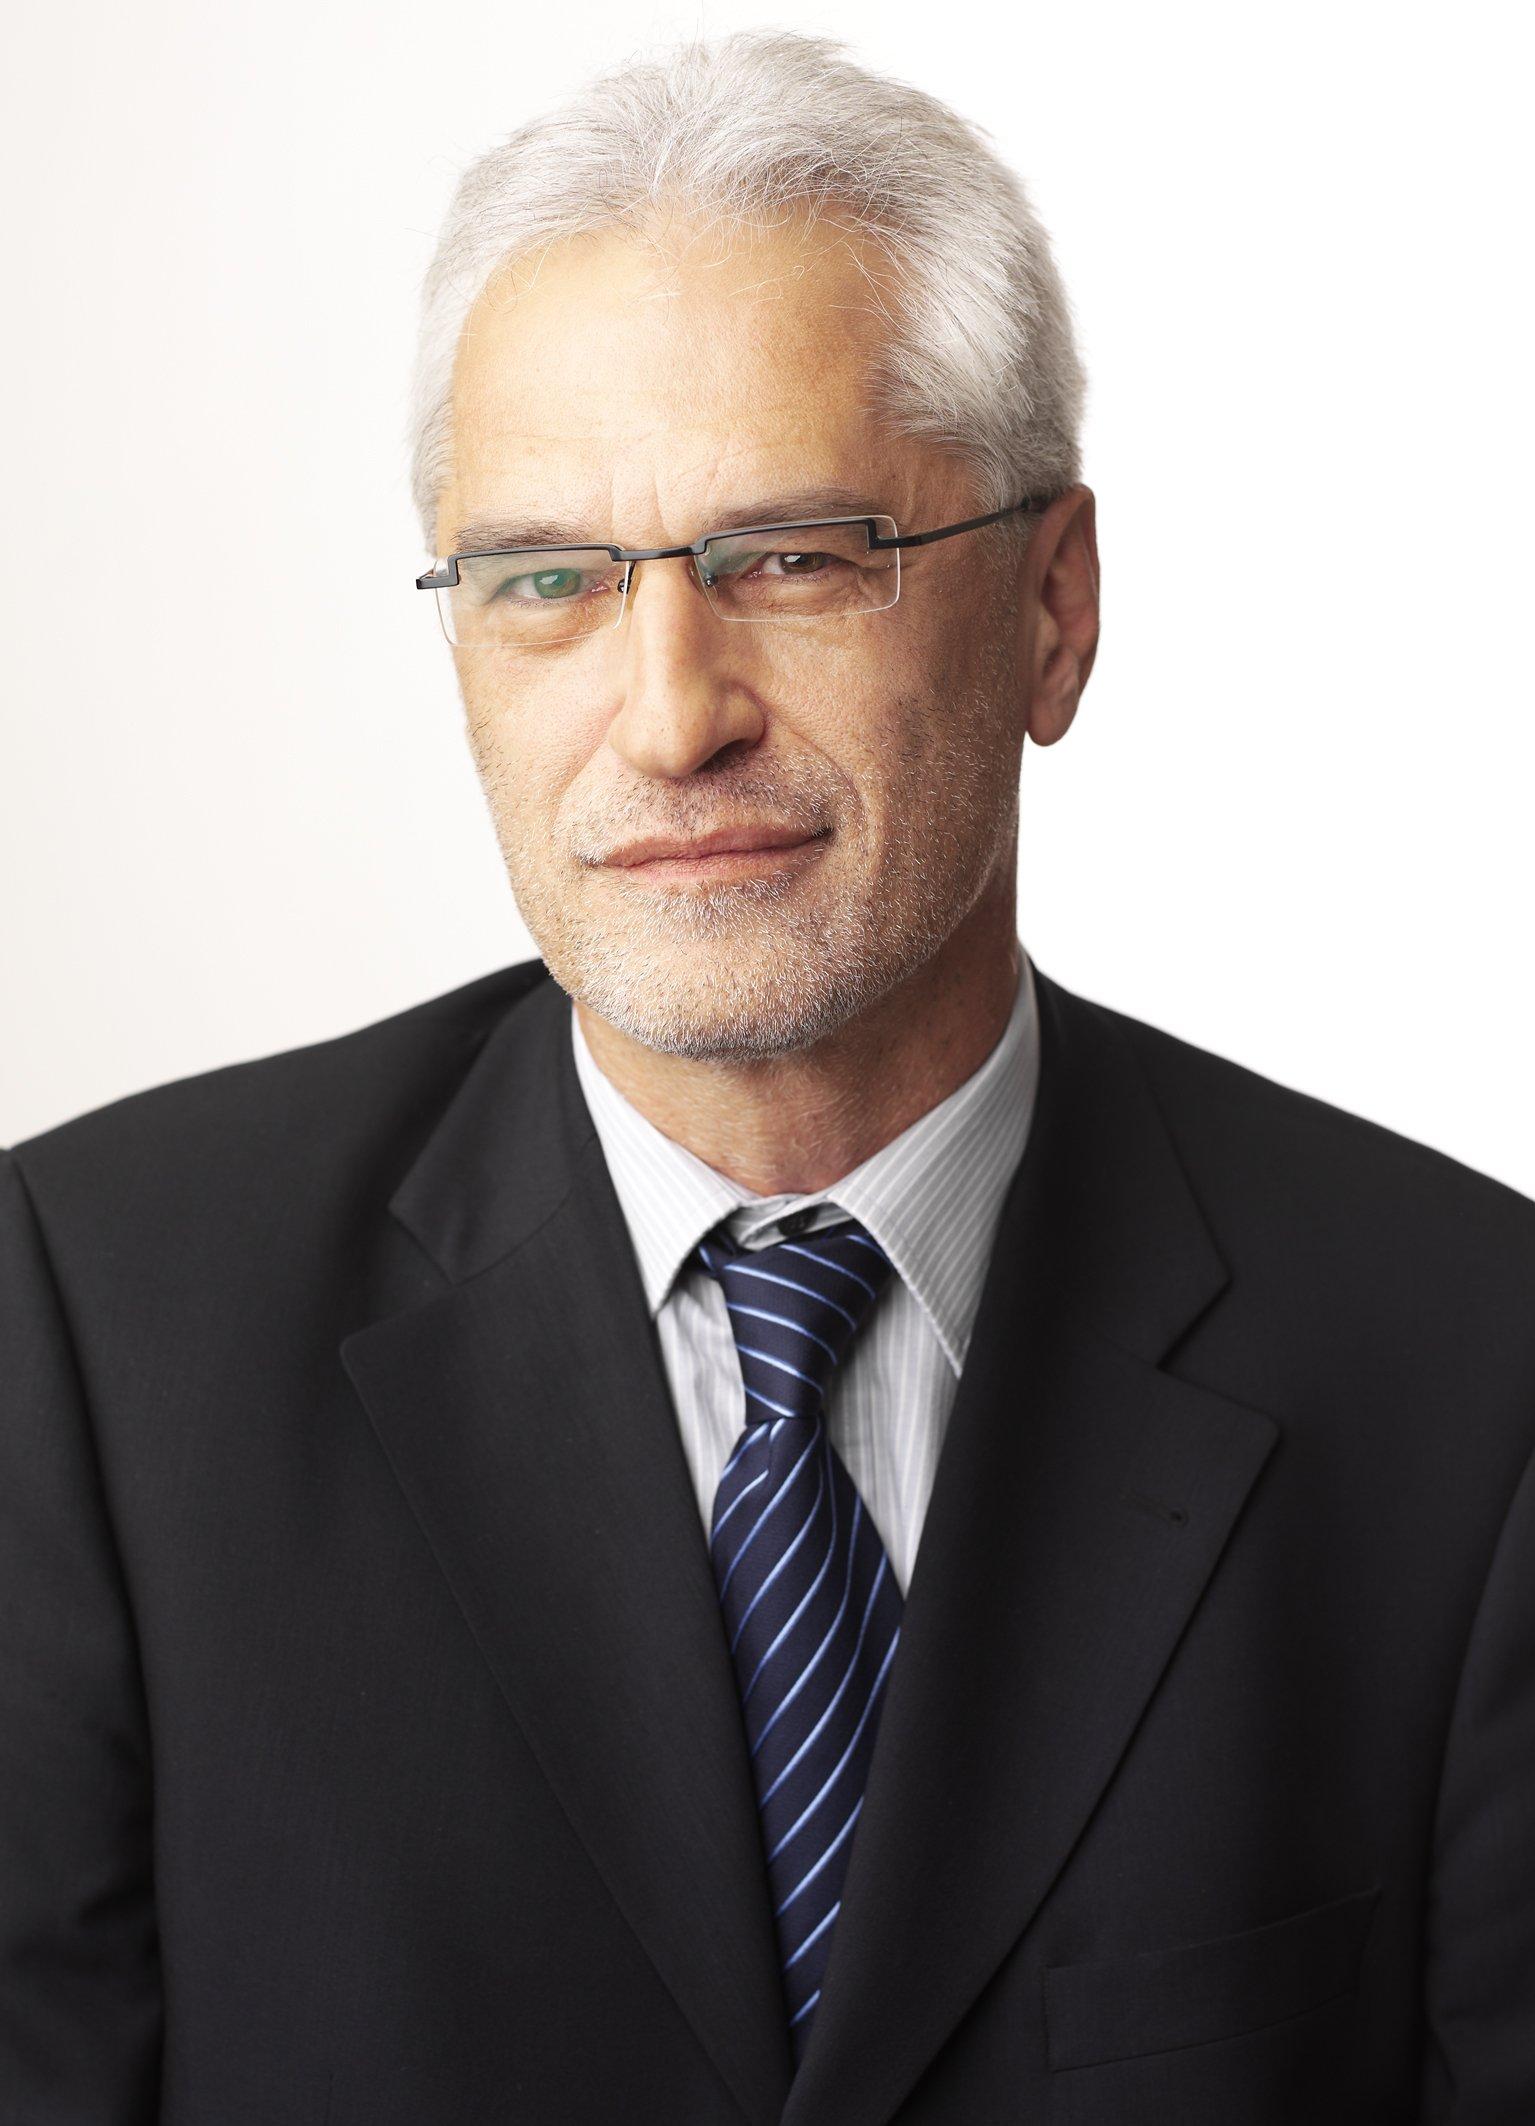 Hans-Jürgen Kratz